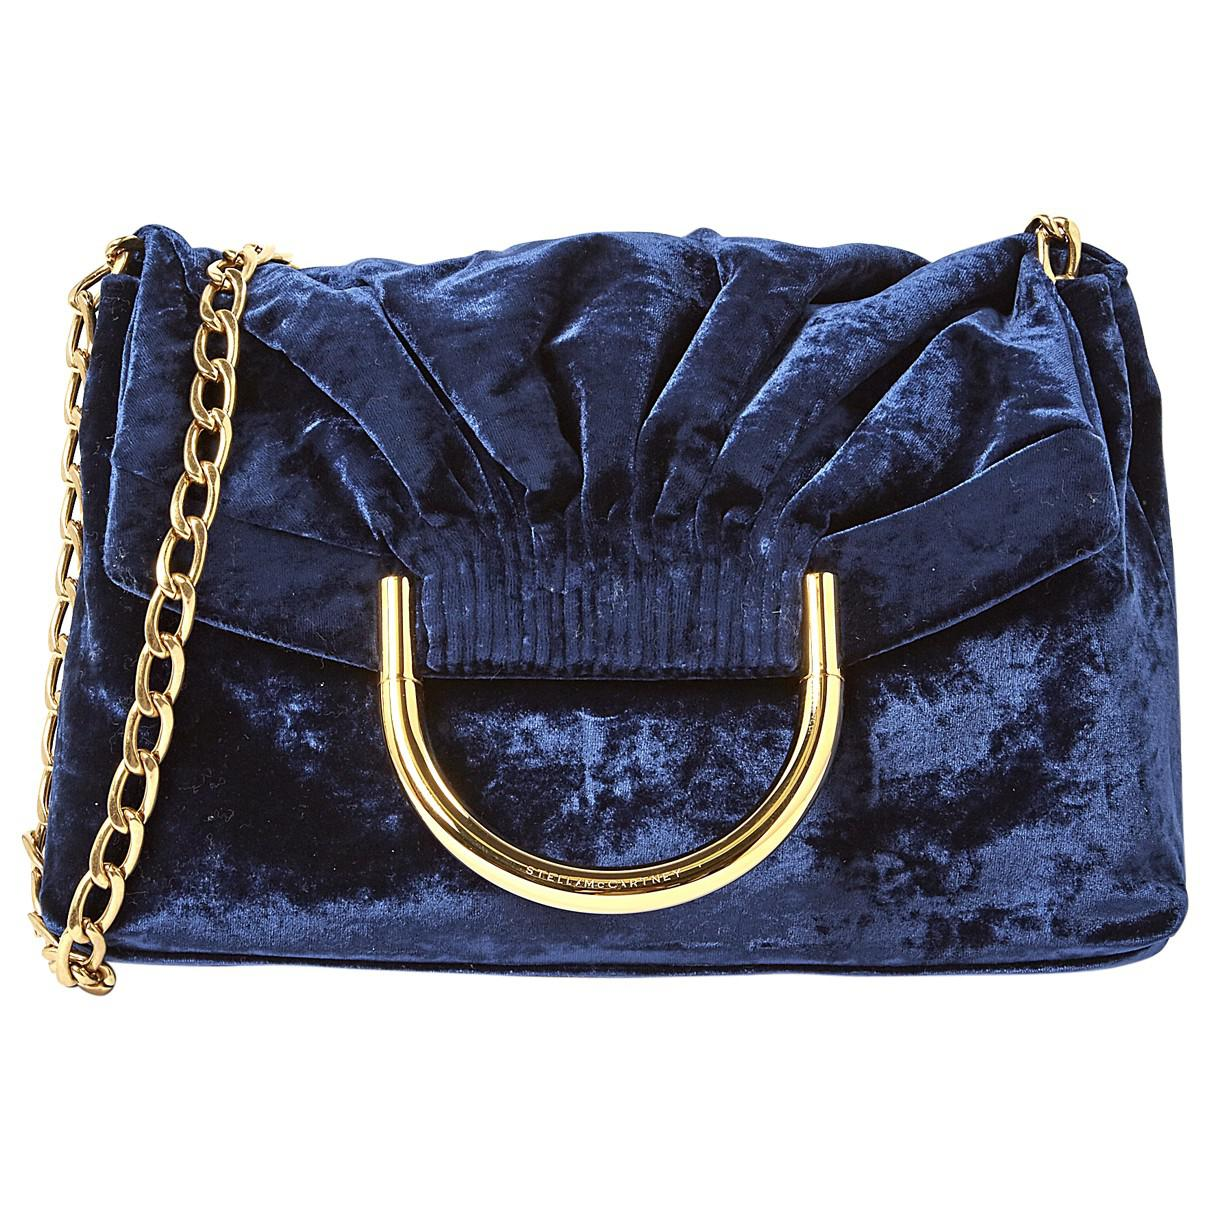 Stella McCartney Pre-owned - Velvet handbag bfR3iN